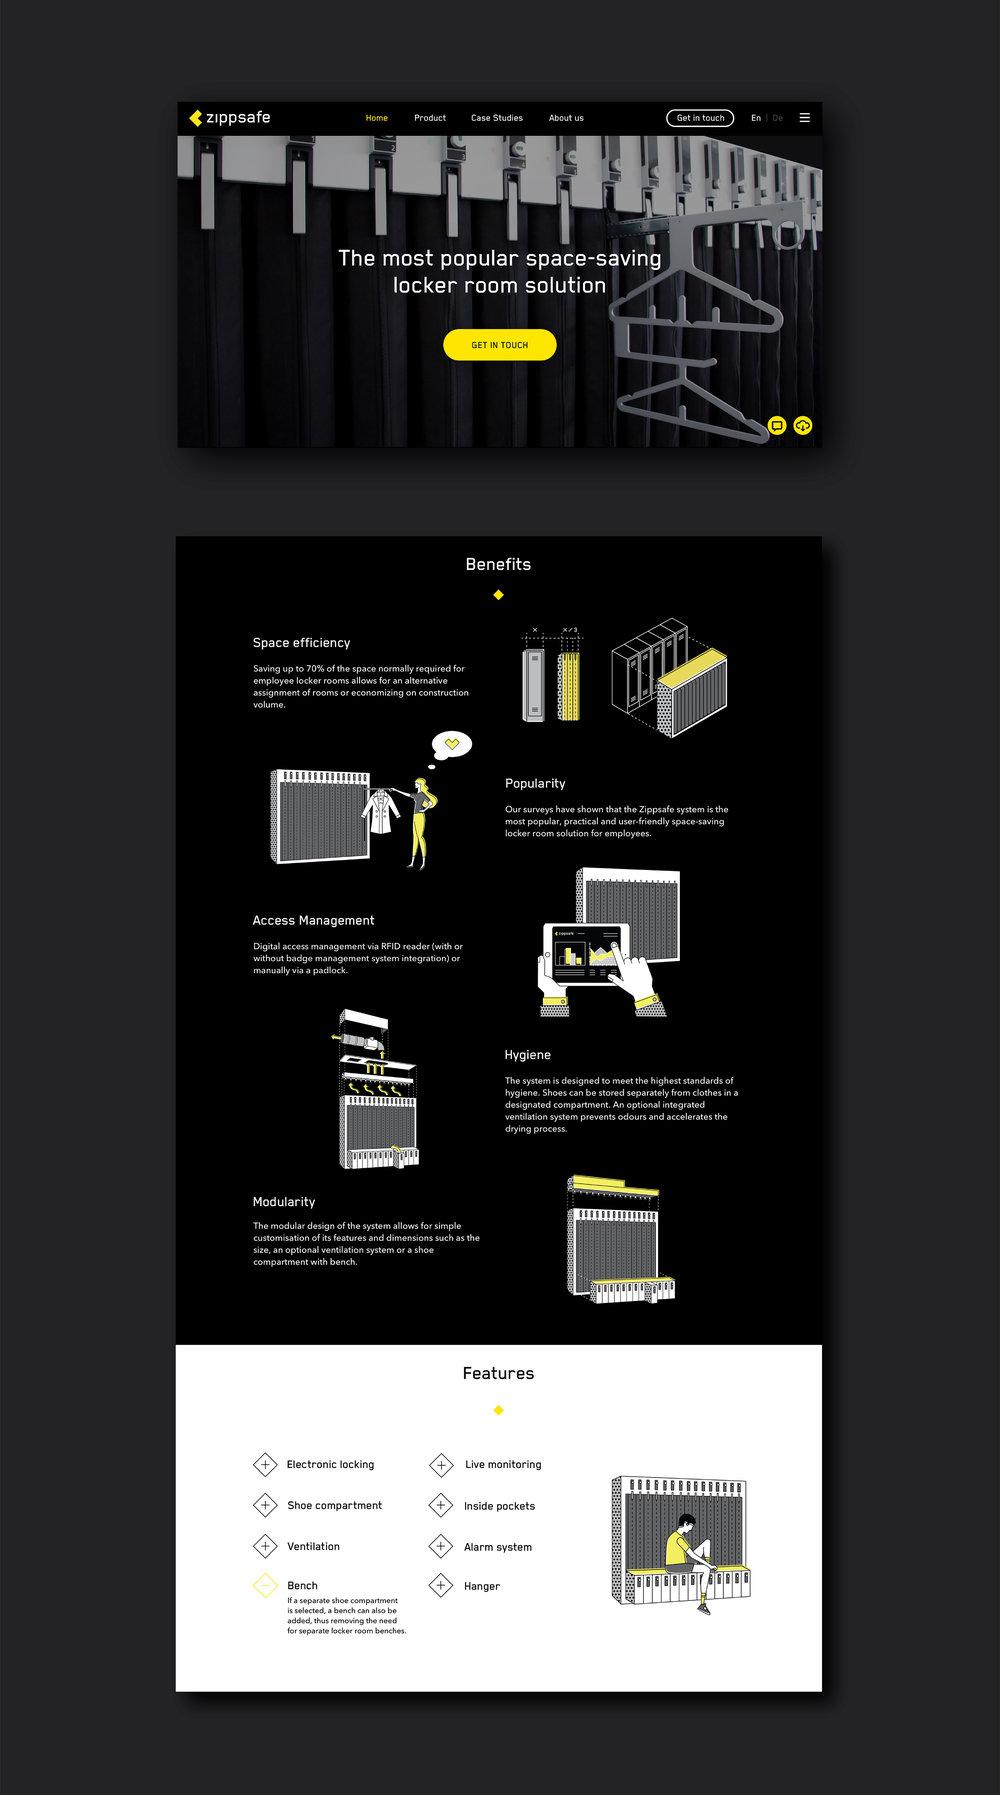 zippsafe_web-06.jpg